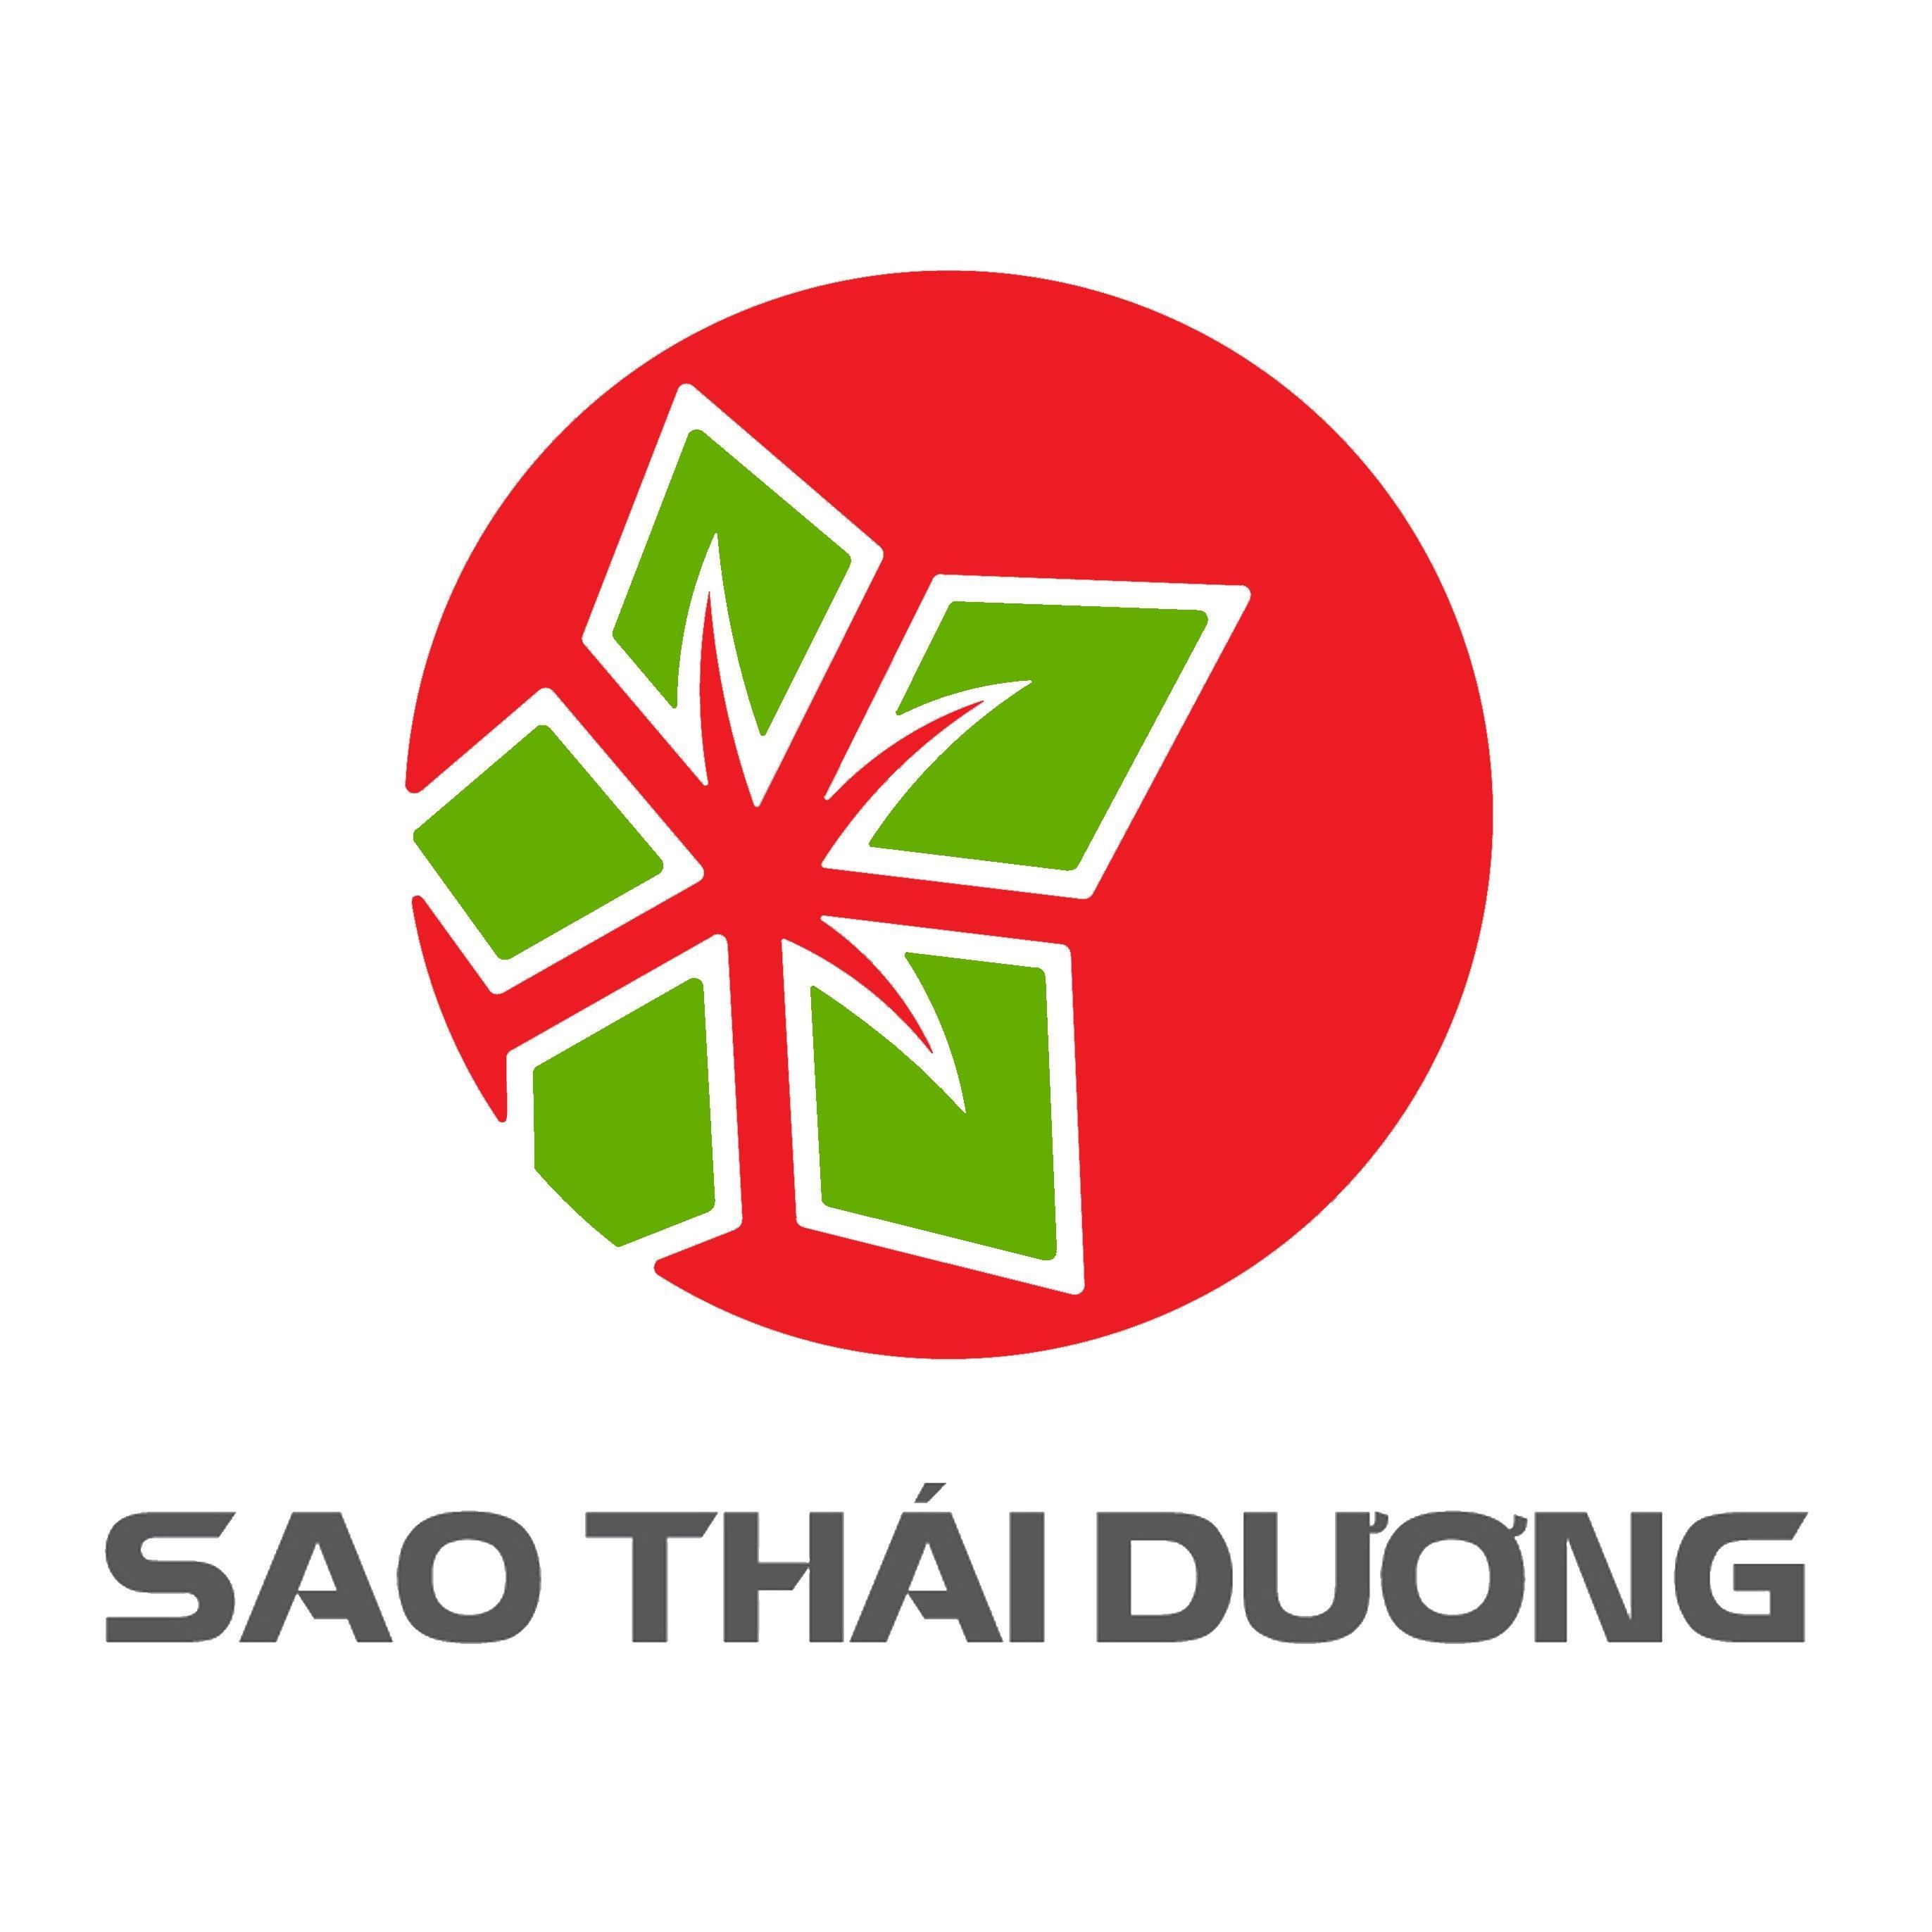 SJF: Báo cáo kết quả giao dịch cổ phiếu của Người nội bộ Nguyễn Xuân Nam và Nguyễn Trí Thiện